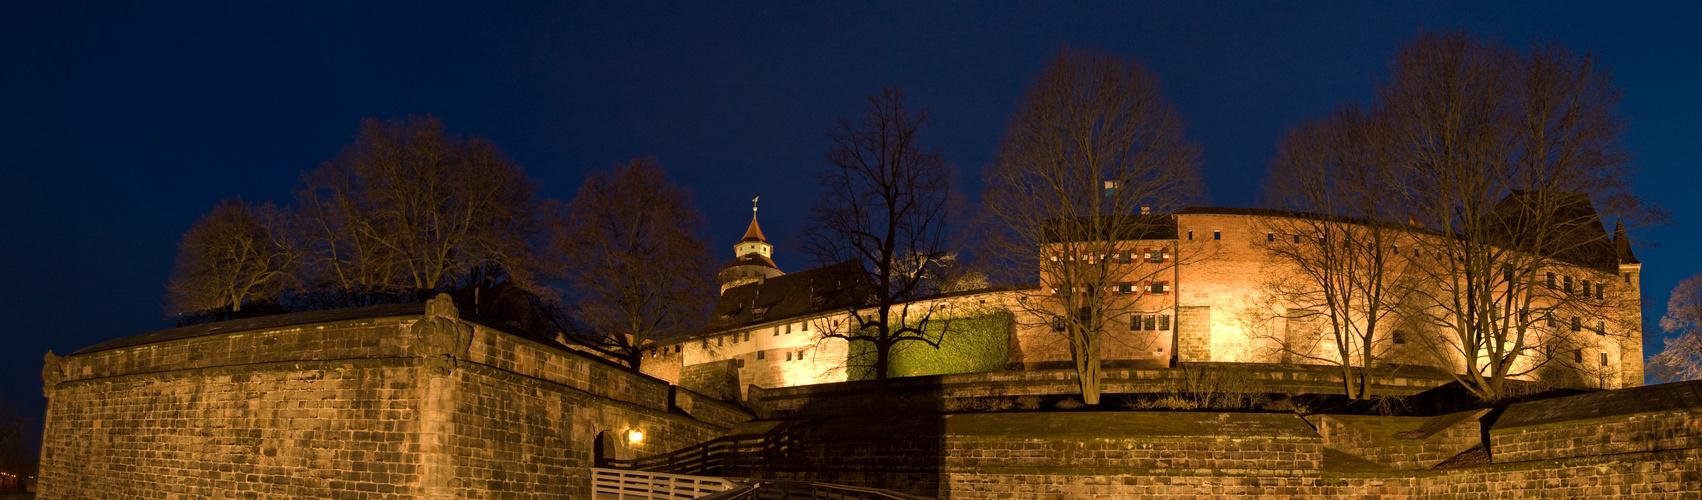 Die Burg von Nürnberg